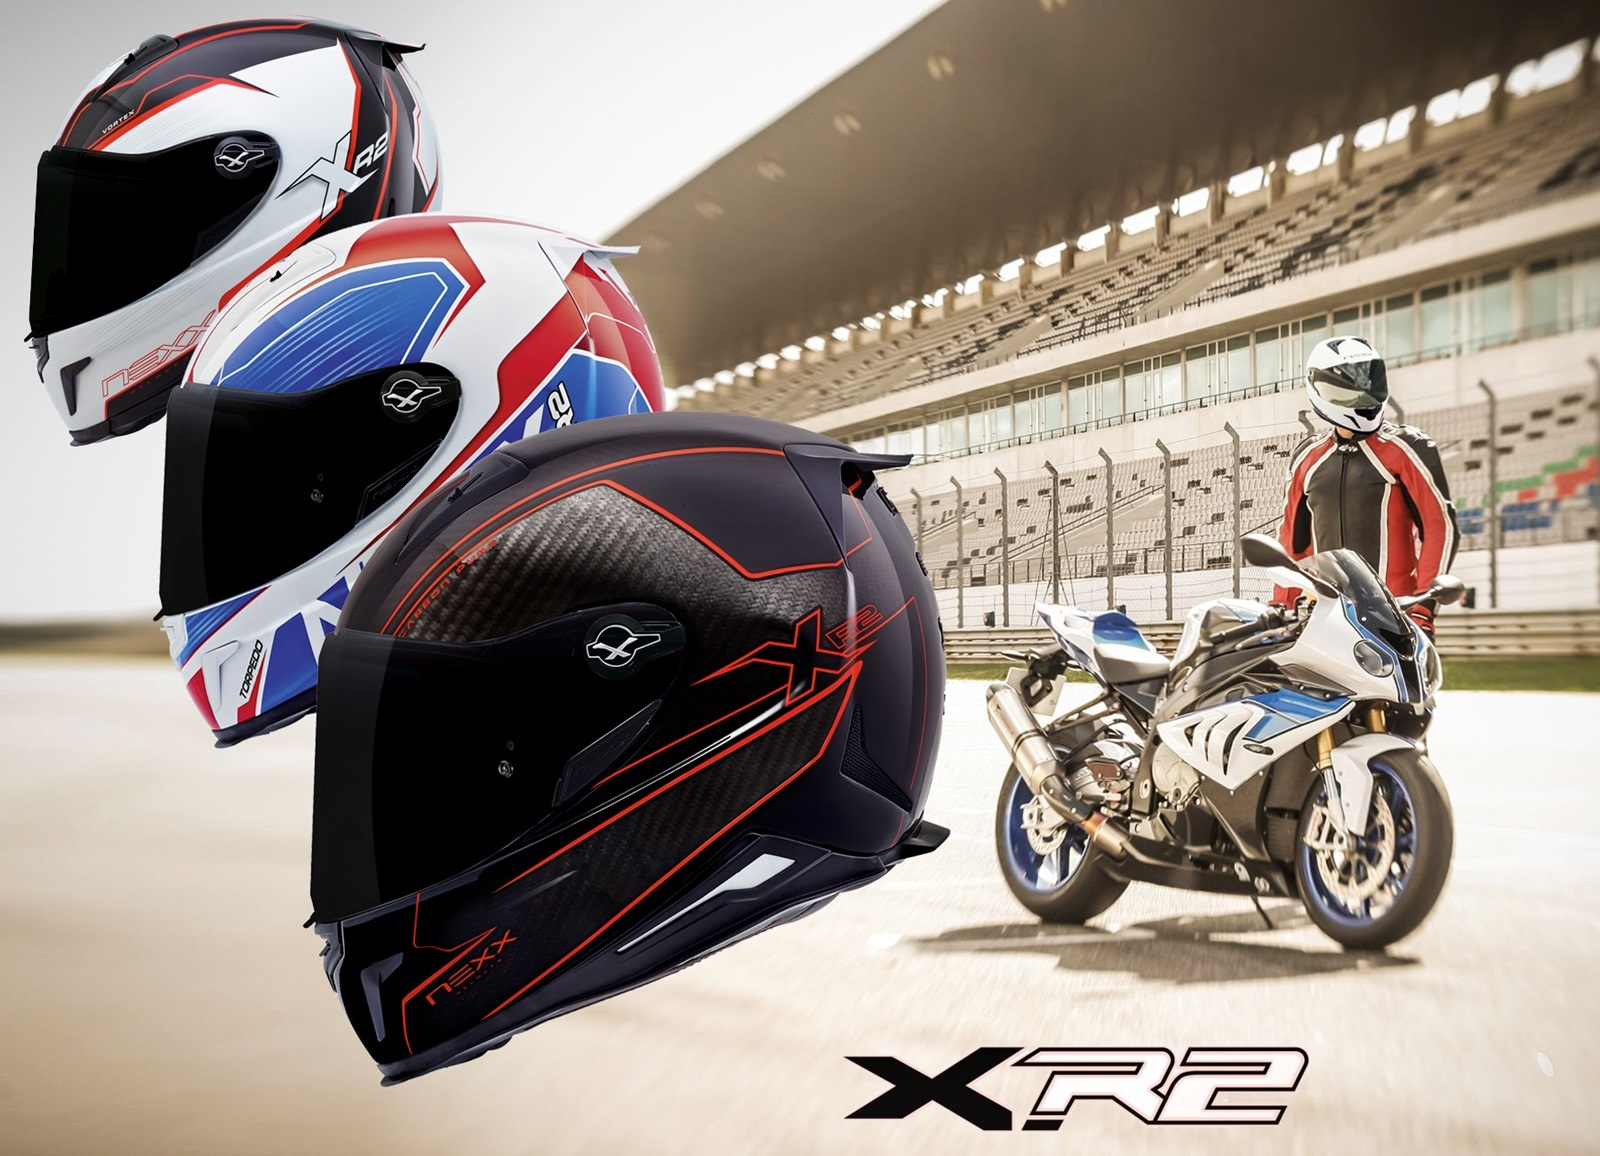 Nexx XR2 R